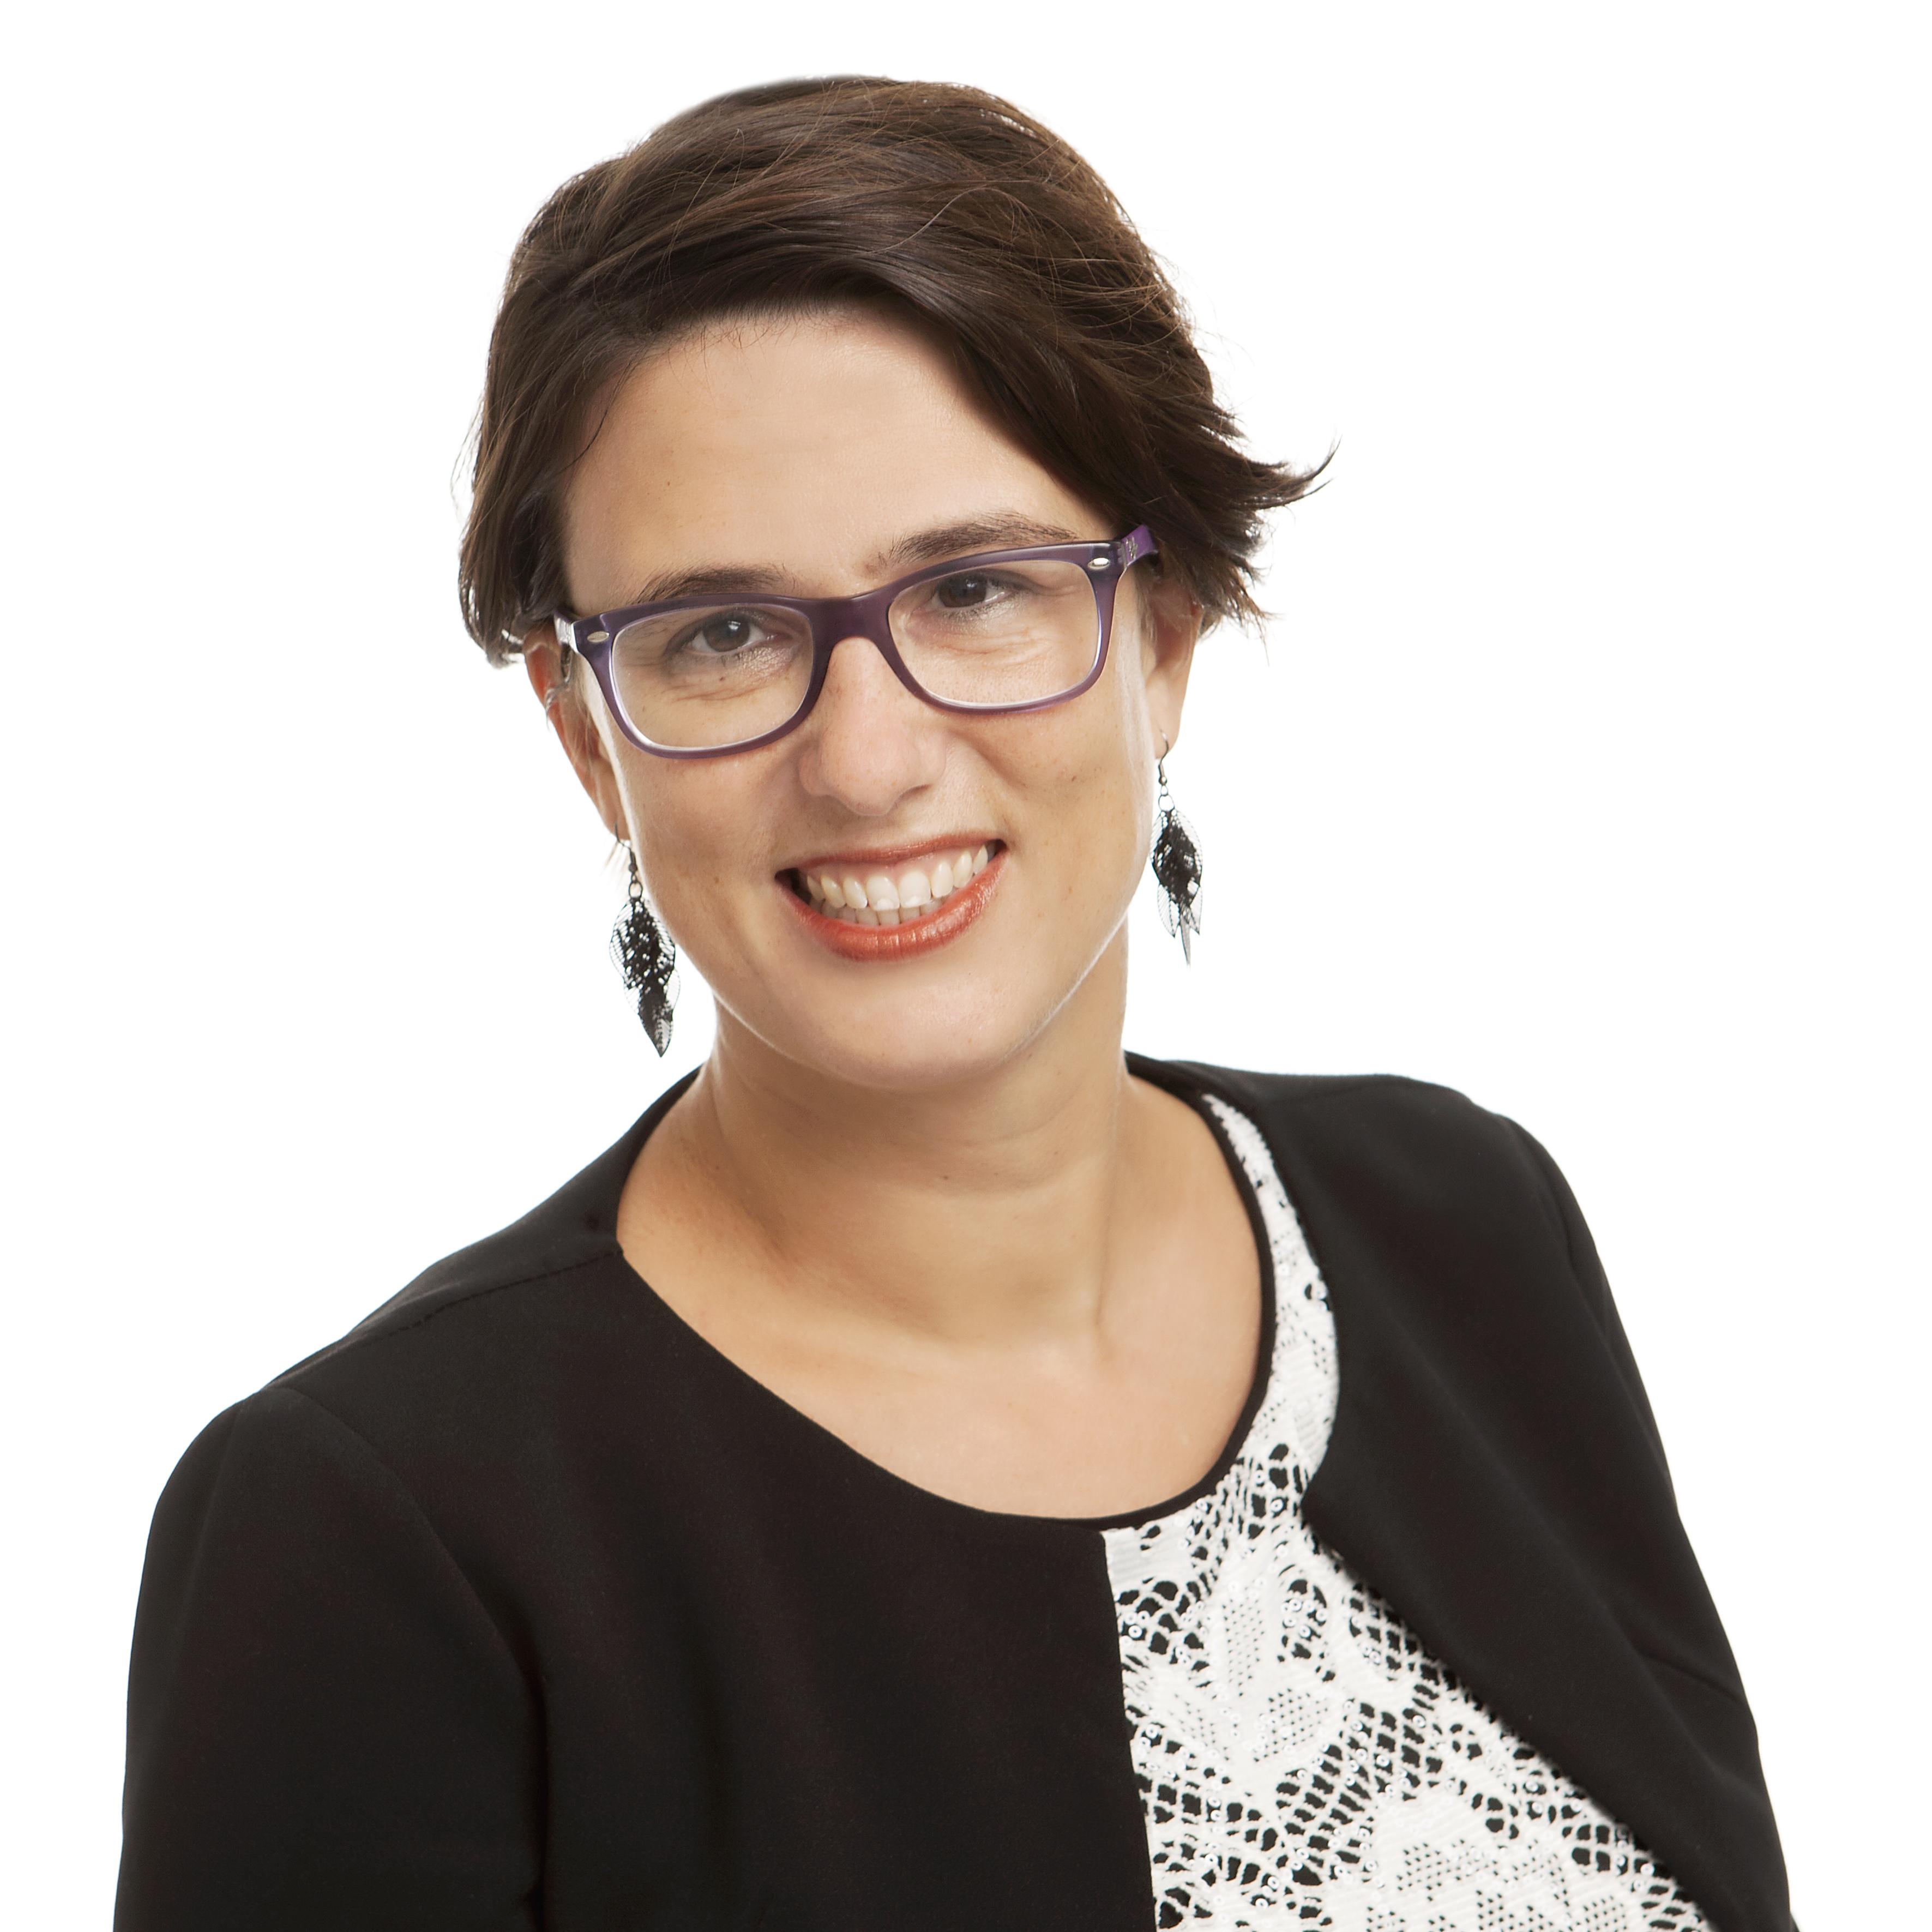 Marieke Stokkelaar